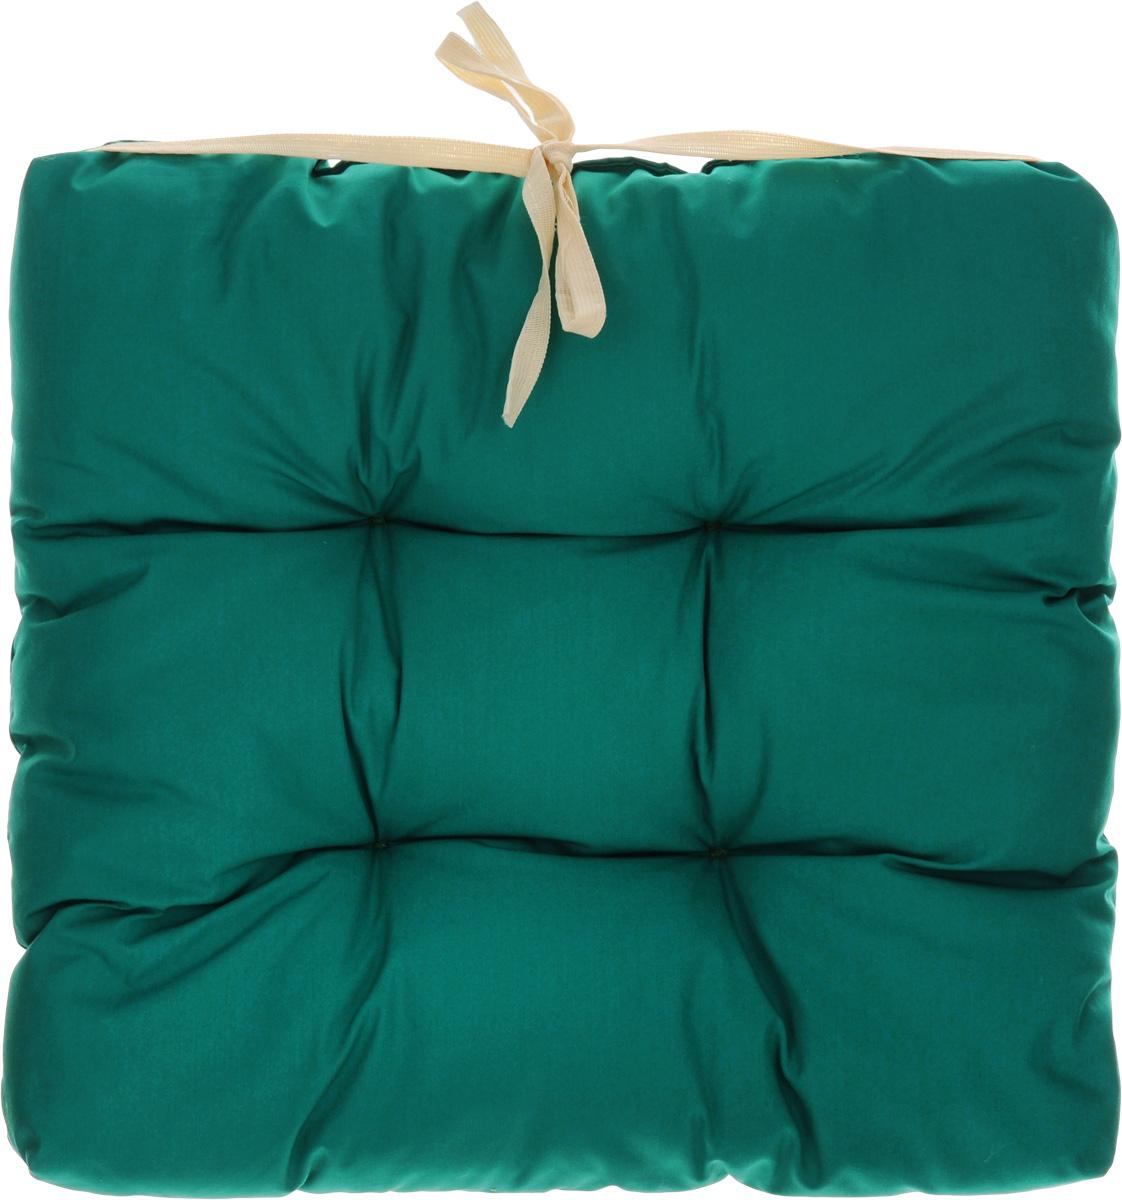 Подушка на стул Eva, объемная, цвет: зеленый, 40 х 40 смЕ064_зеленыйПодушка Eva, изготовленная из хлопка, прослужит вам не один десяток лет. Внутри - мягкий наполнитель из полиэстера. Стежка надежно удерживает наполнитель внутри и не позволяет ему скатываться. Подушка легко крепится на стул с помощью завязок. Правильно сидеть - значит сохранить здоровье на долгие годы. Жесткие сидения подвергают наше здоровье опасности. Подушка с наполнителем из полиэстера поможет предотвратить многие беды, которыми грозит сидячий образ жизни.